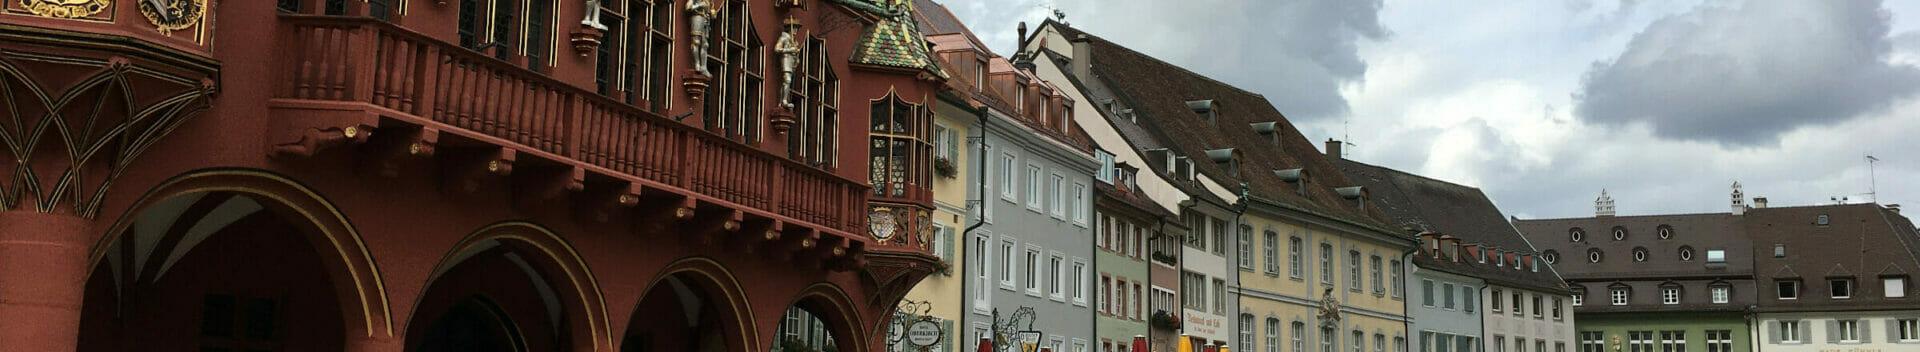 Freiburg in Baden Innenstadt - Radregion Baden